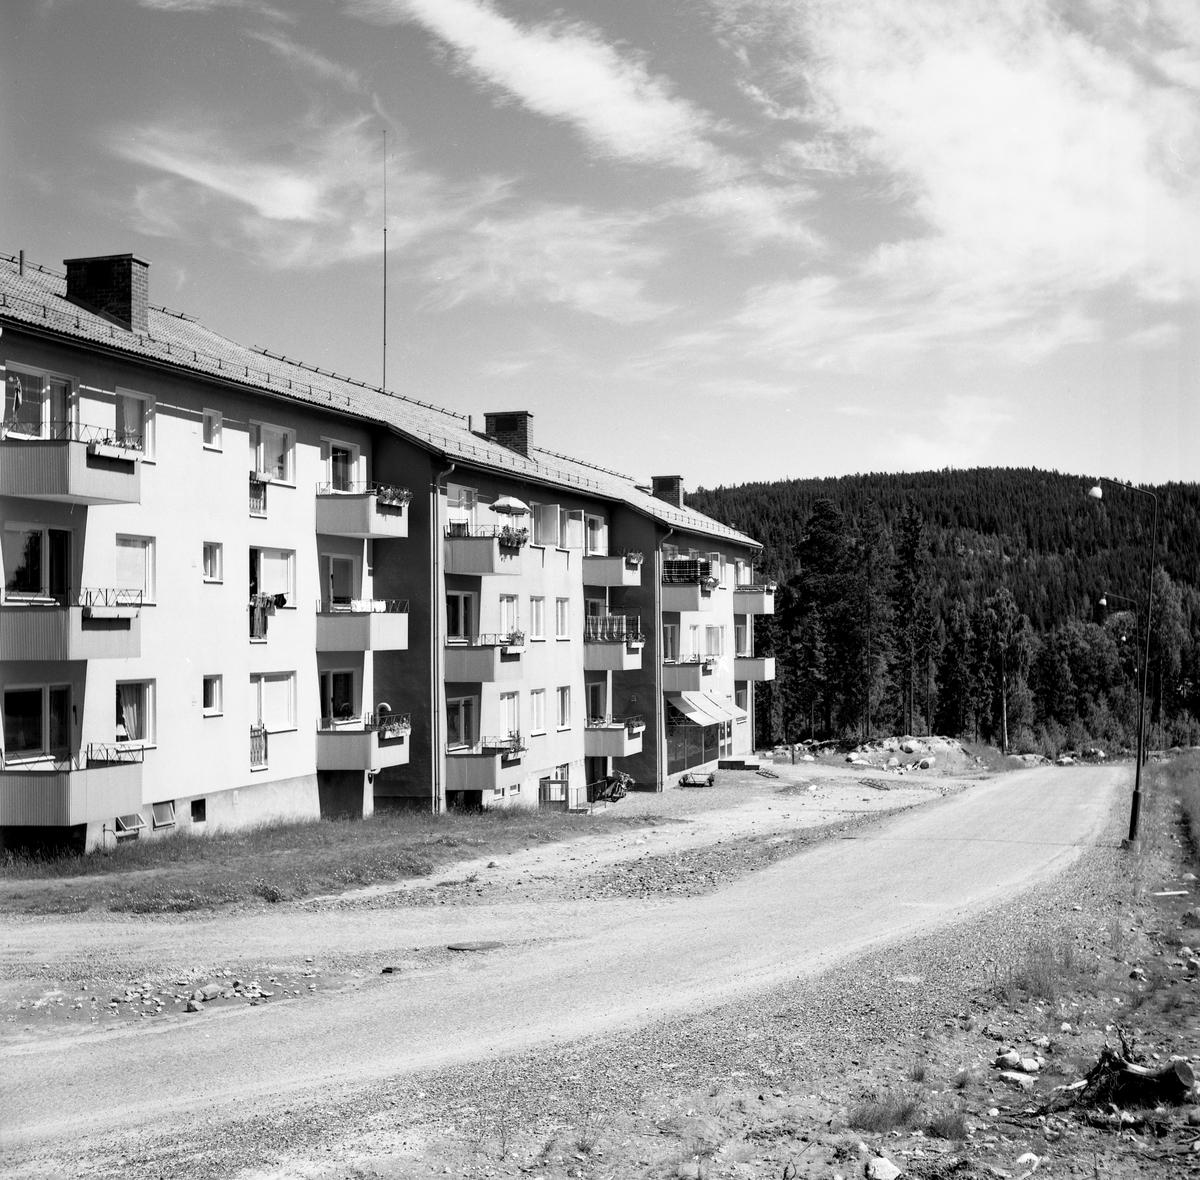 Någonstans i Värmland - från slutet av 1950-talet: Lesjöfors. Lämna gärna en kommentar om du vet något om bilden.